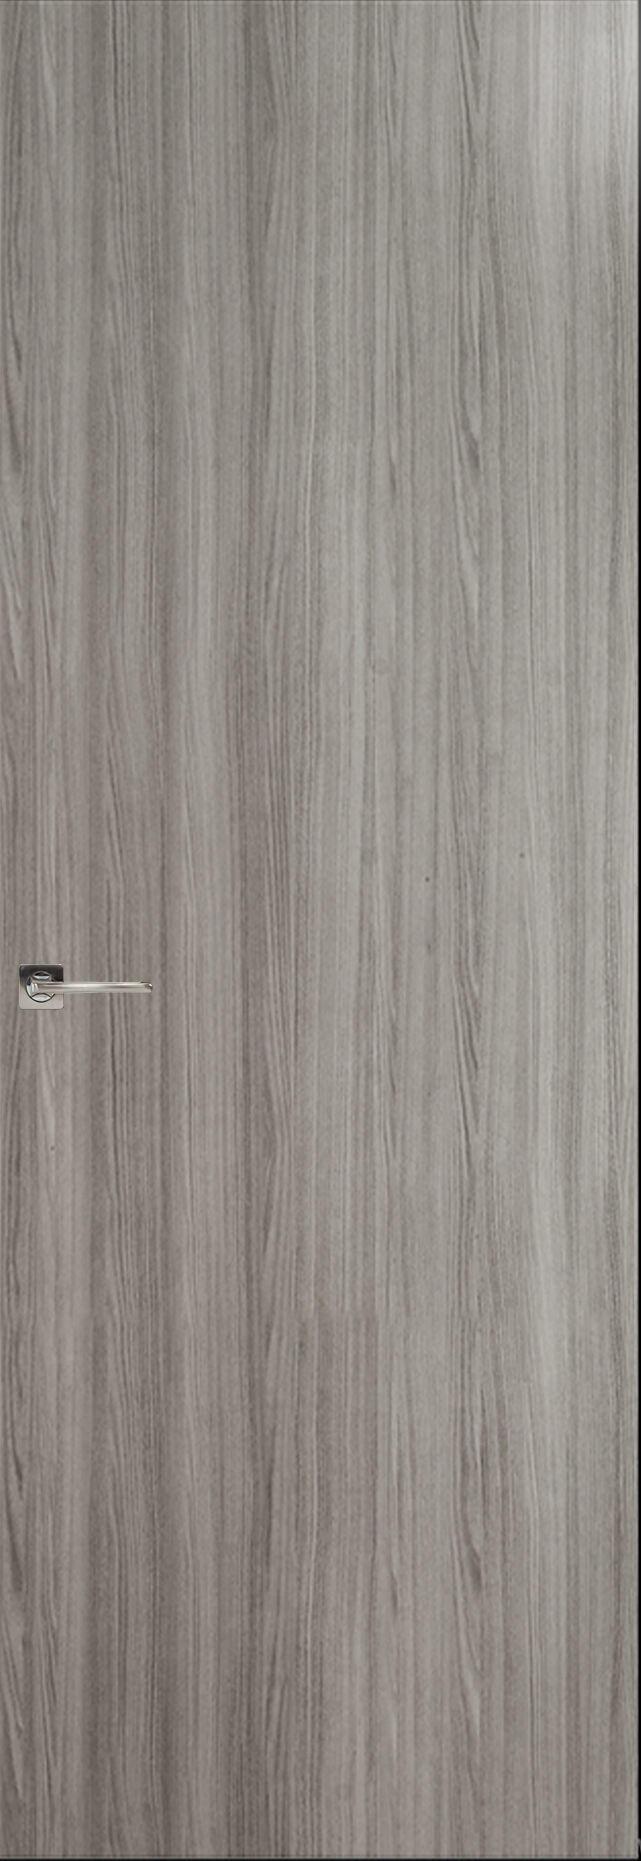 Tivoli А-1 Невидимка цвет - Орех пепельный Без стекла (ДГ)